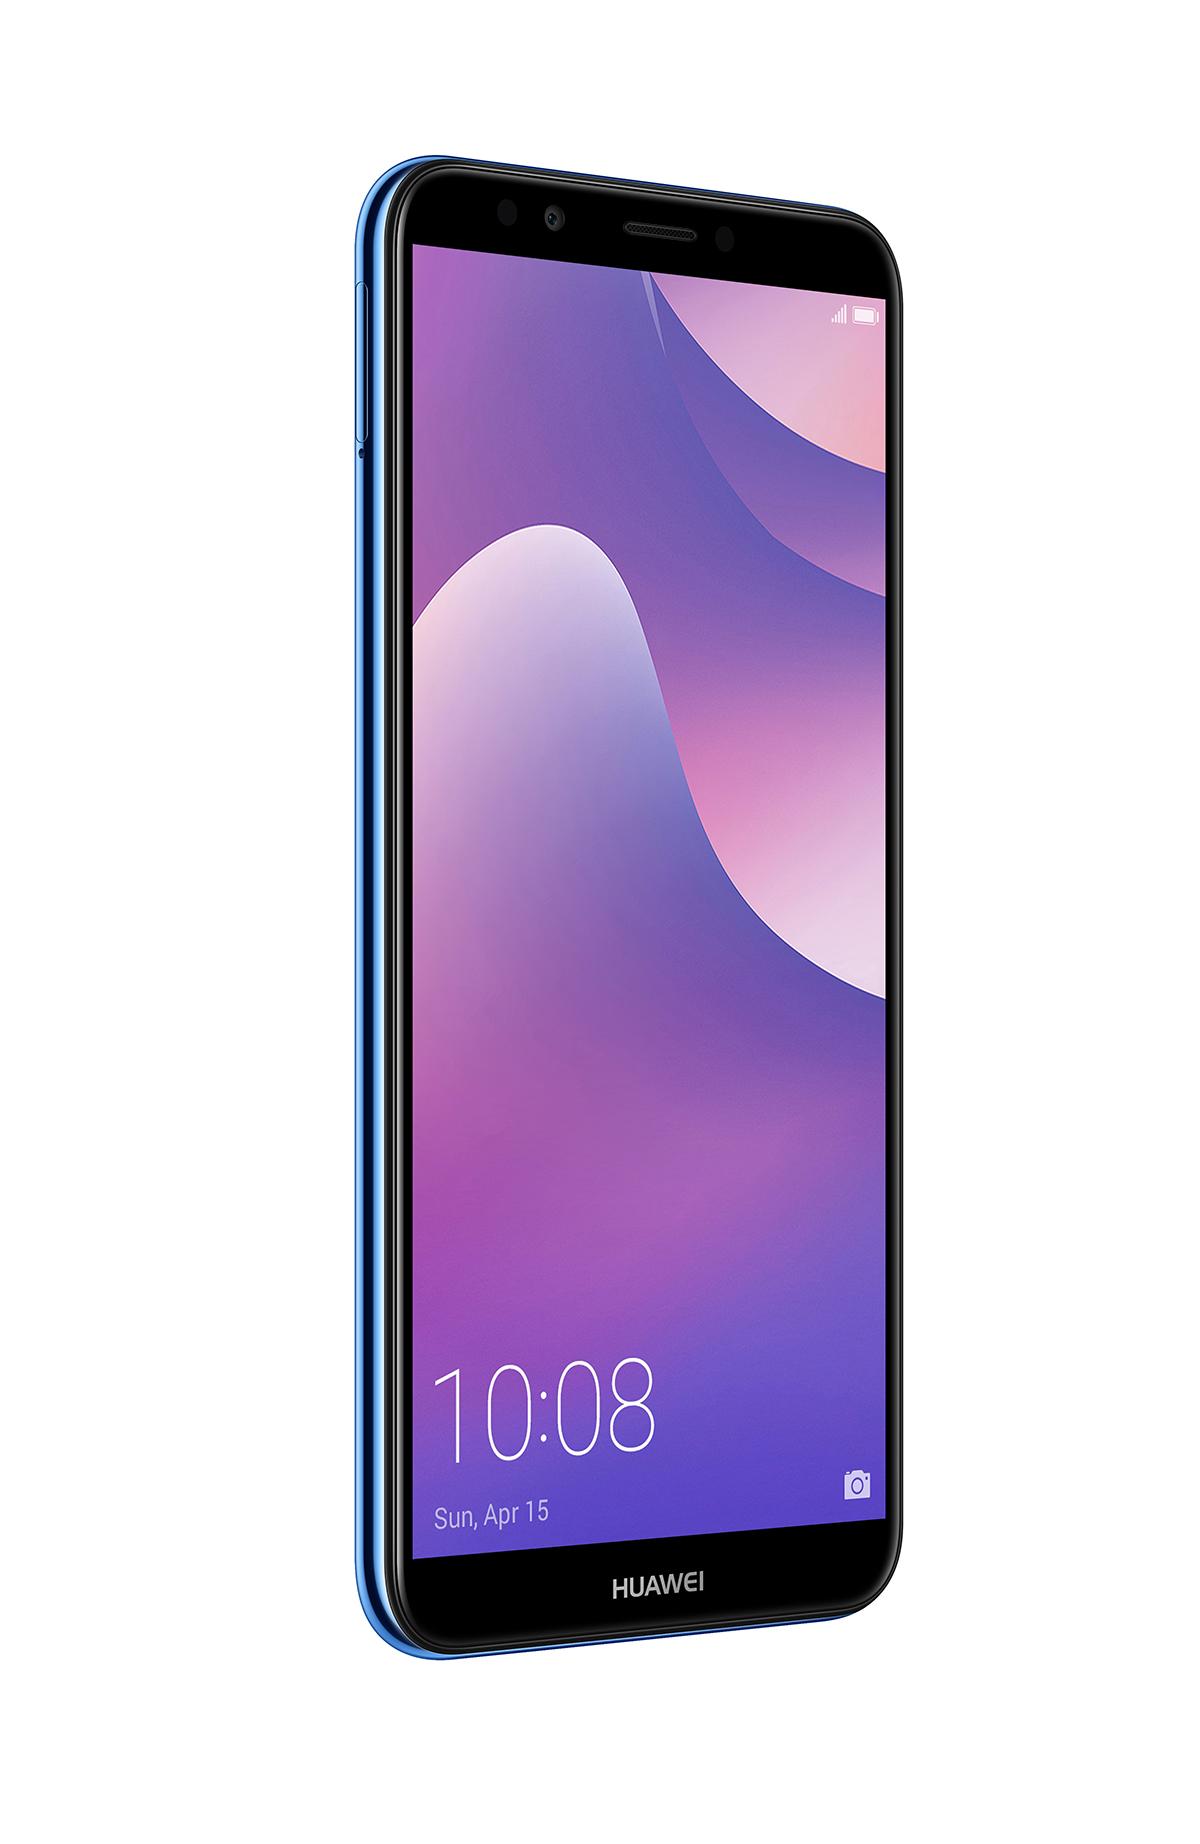 Huawei Y7 - características